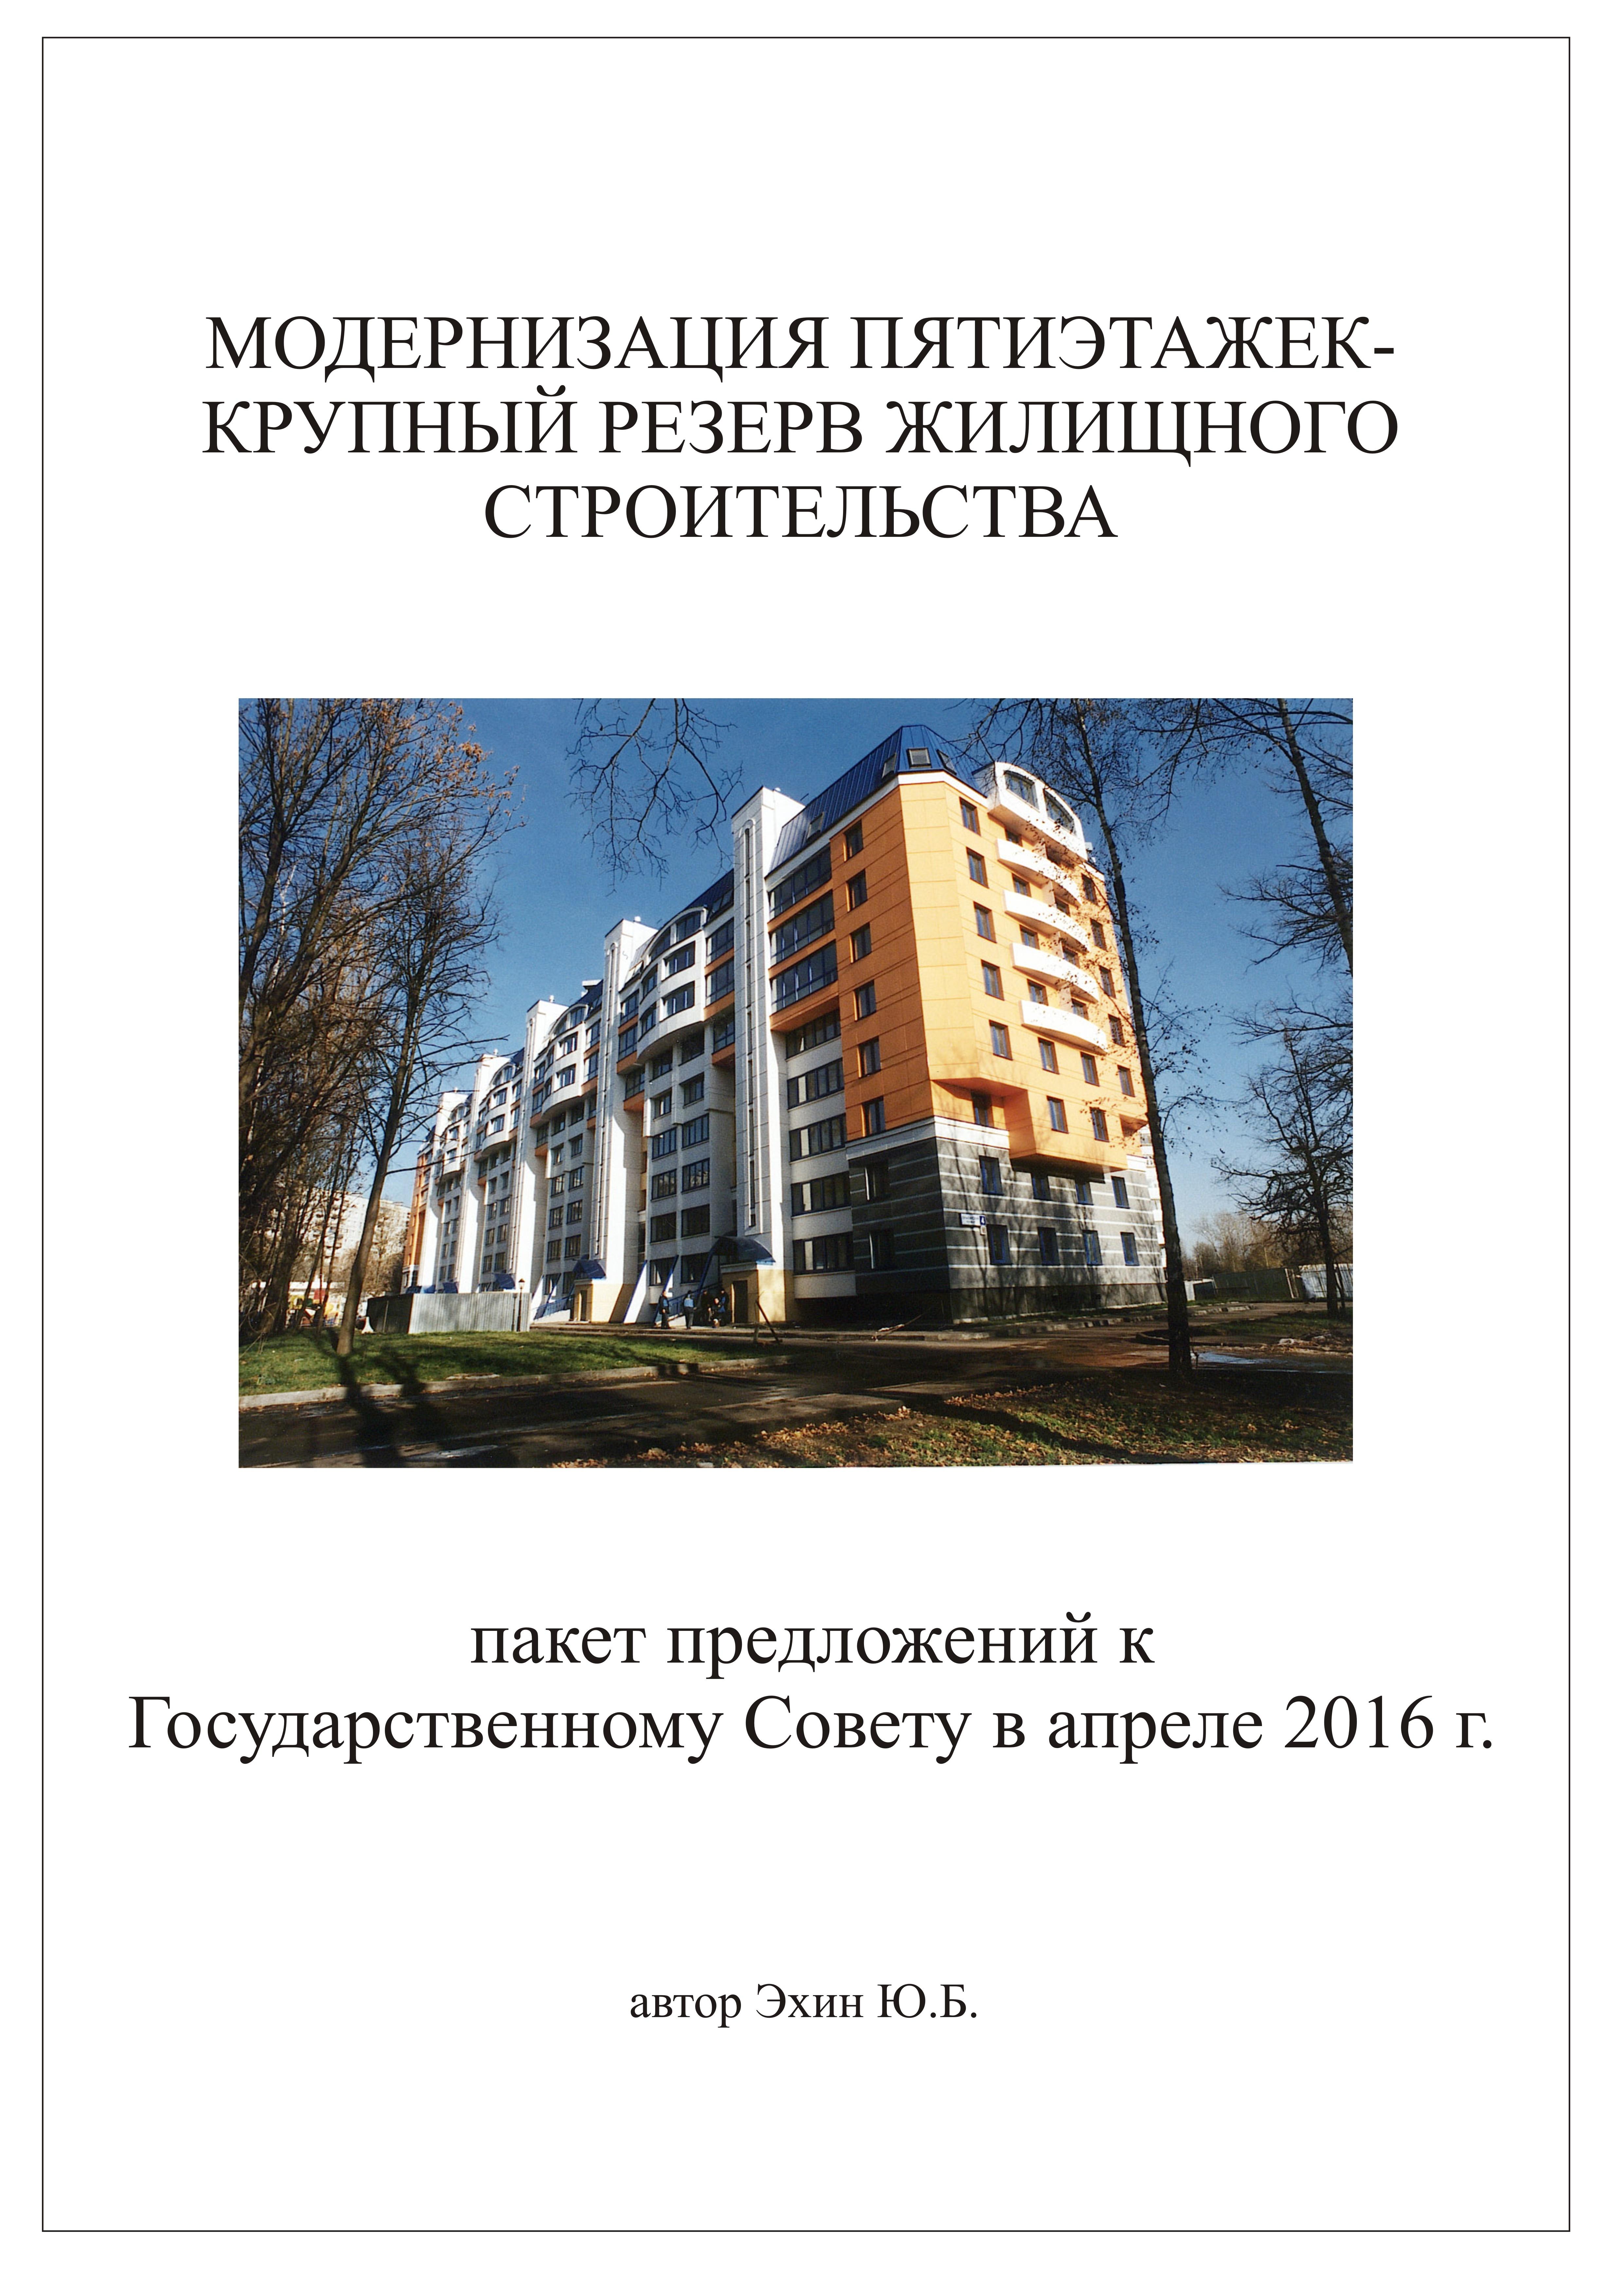 Пакет предложений к апрельскому ГС 2016